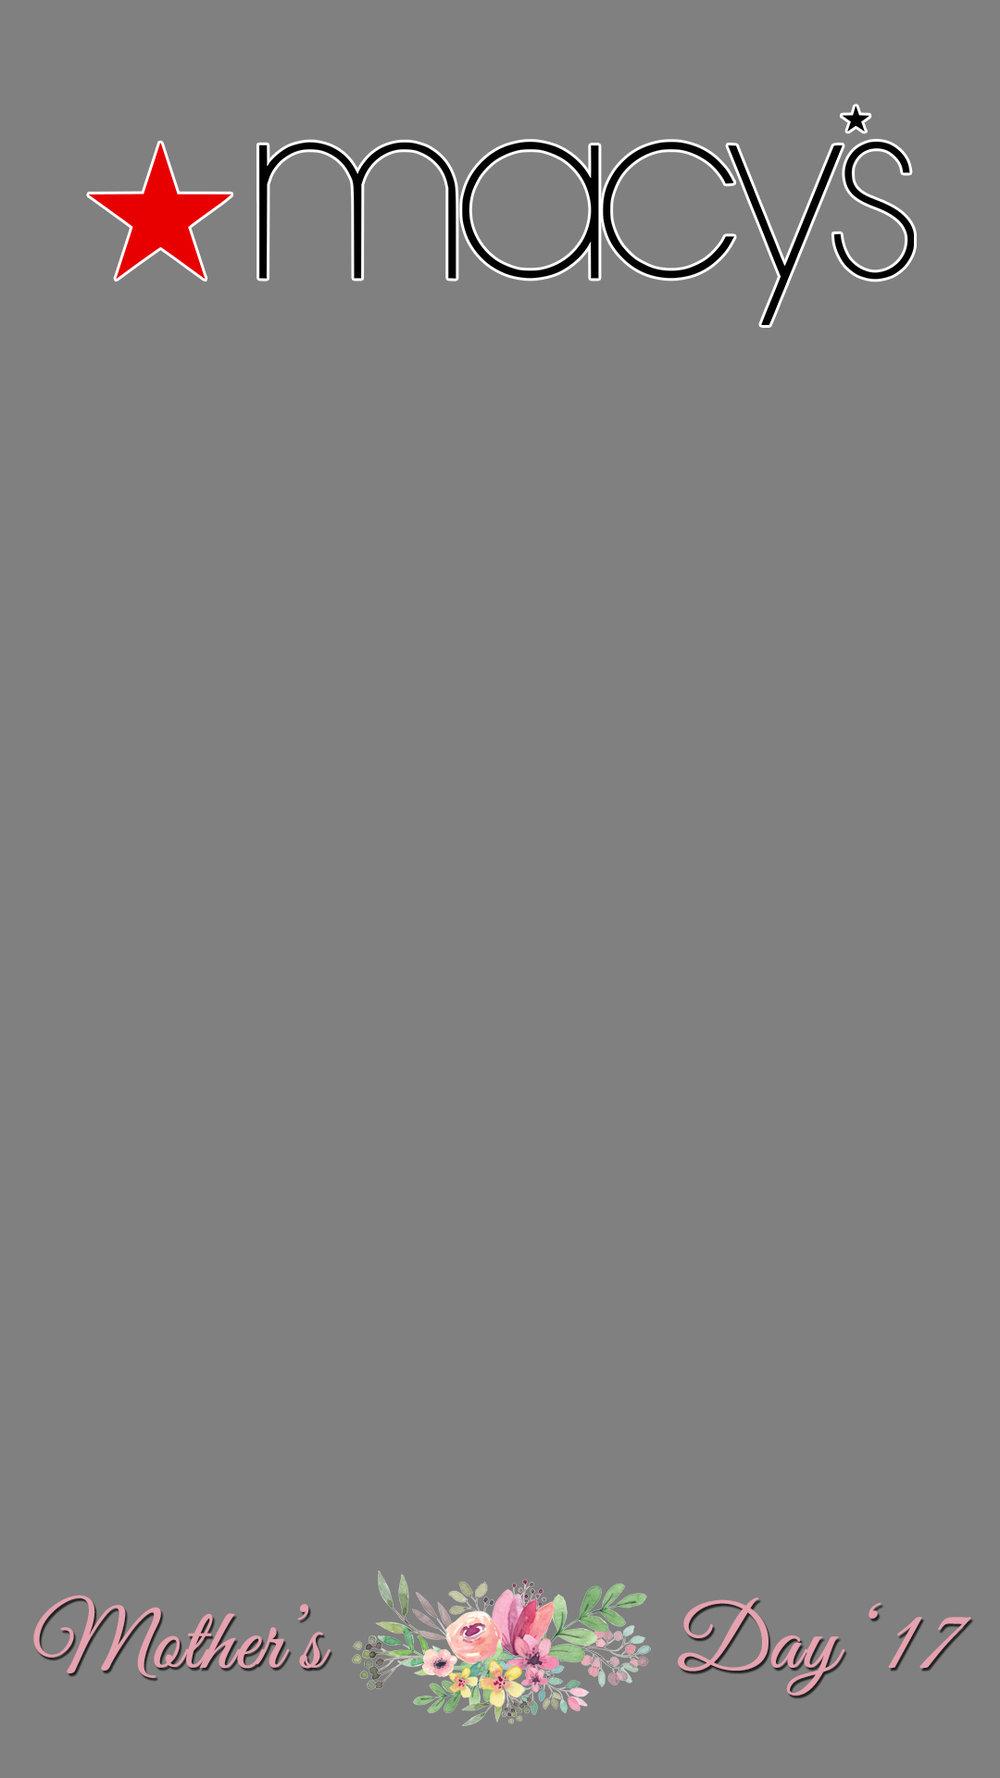 Macys-Filter.jpg